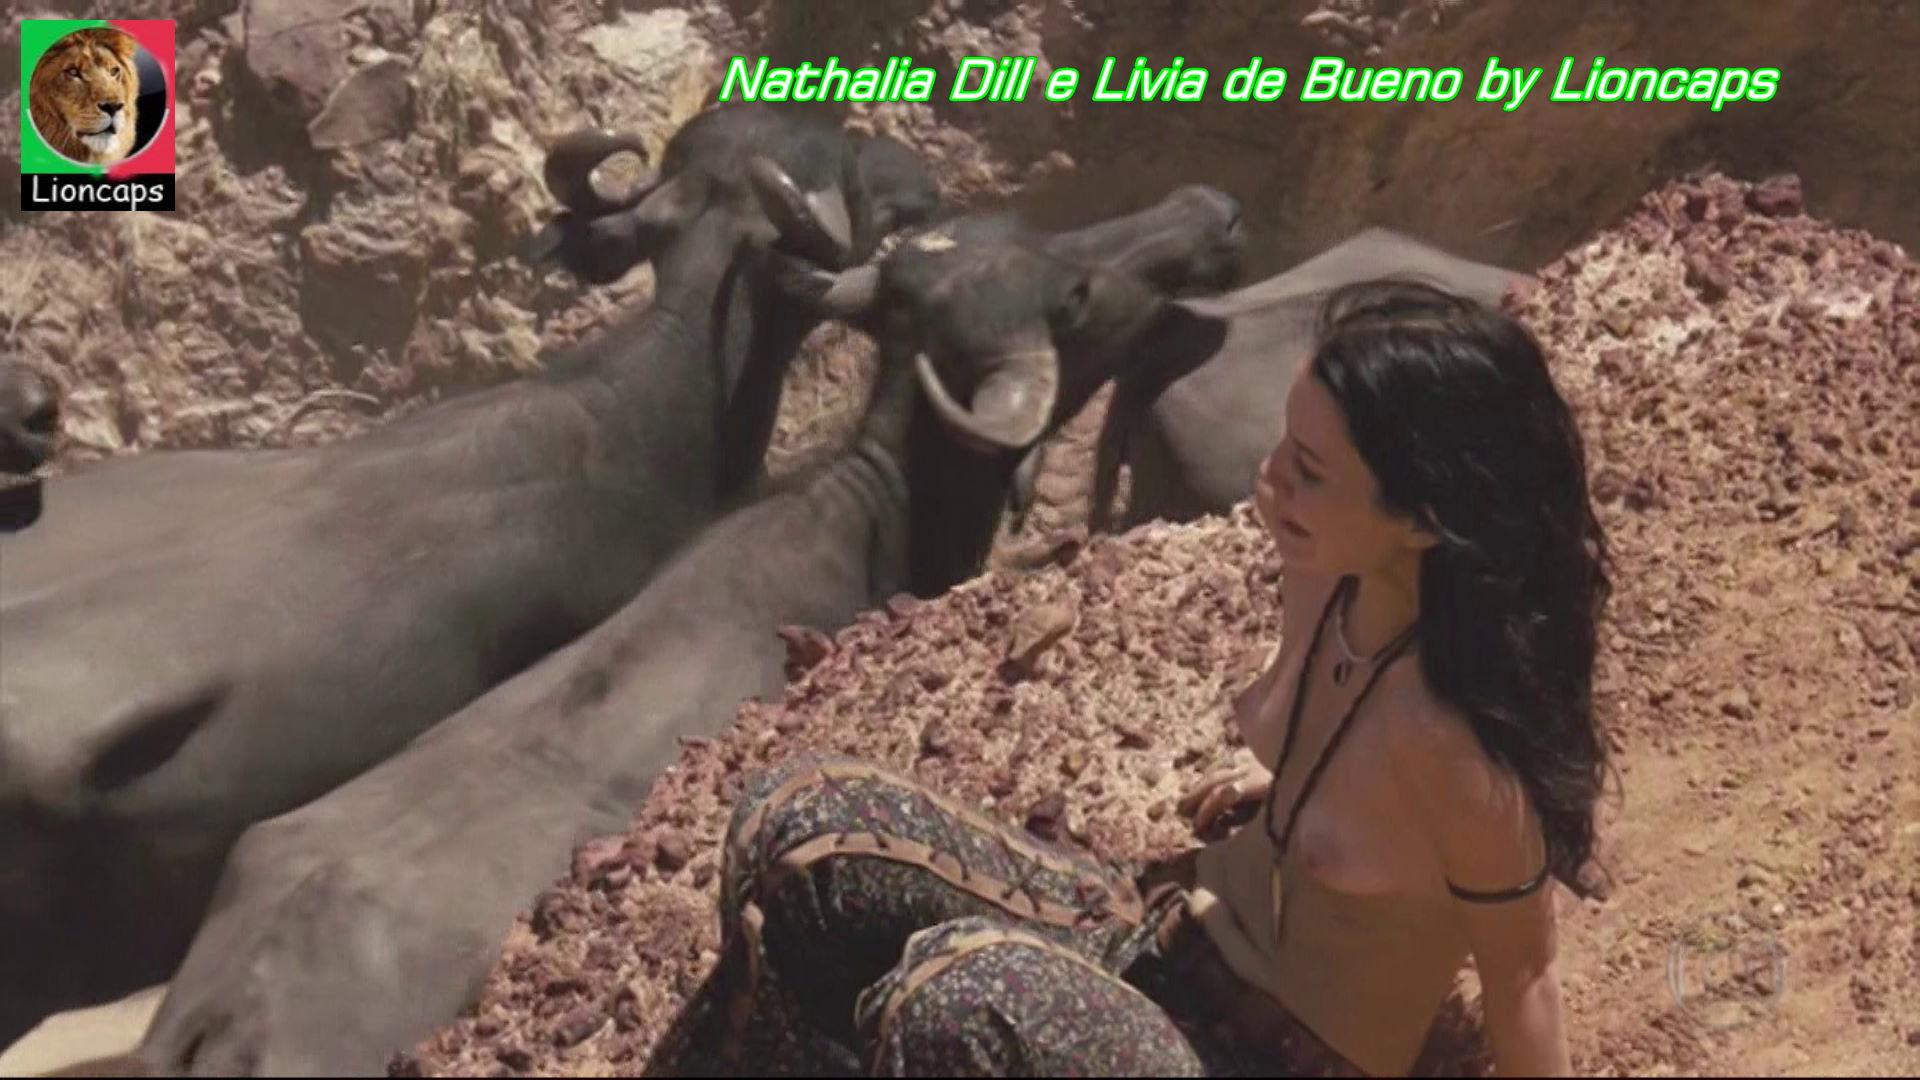 273294612_nathalia_dill_livia_bueno_vs171029_0177_123_252lo.JPG